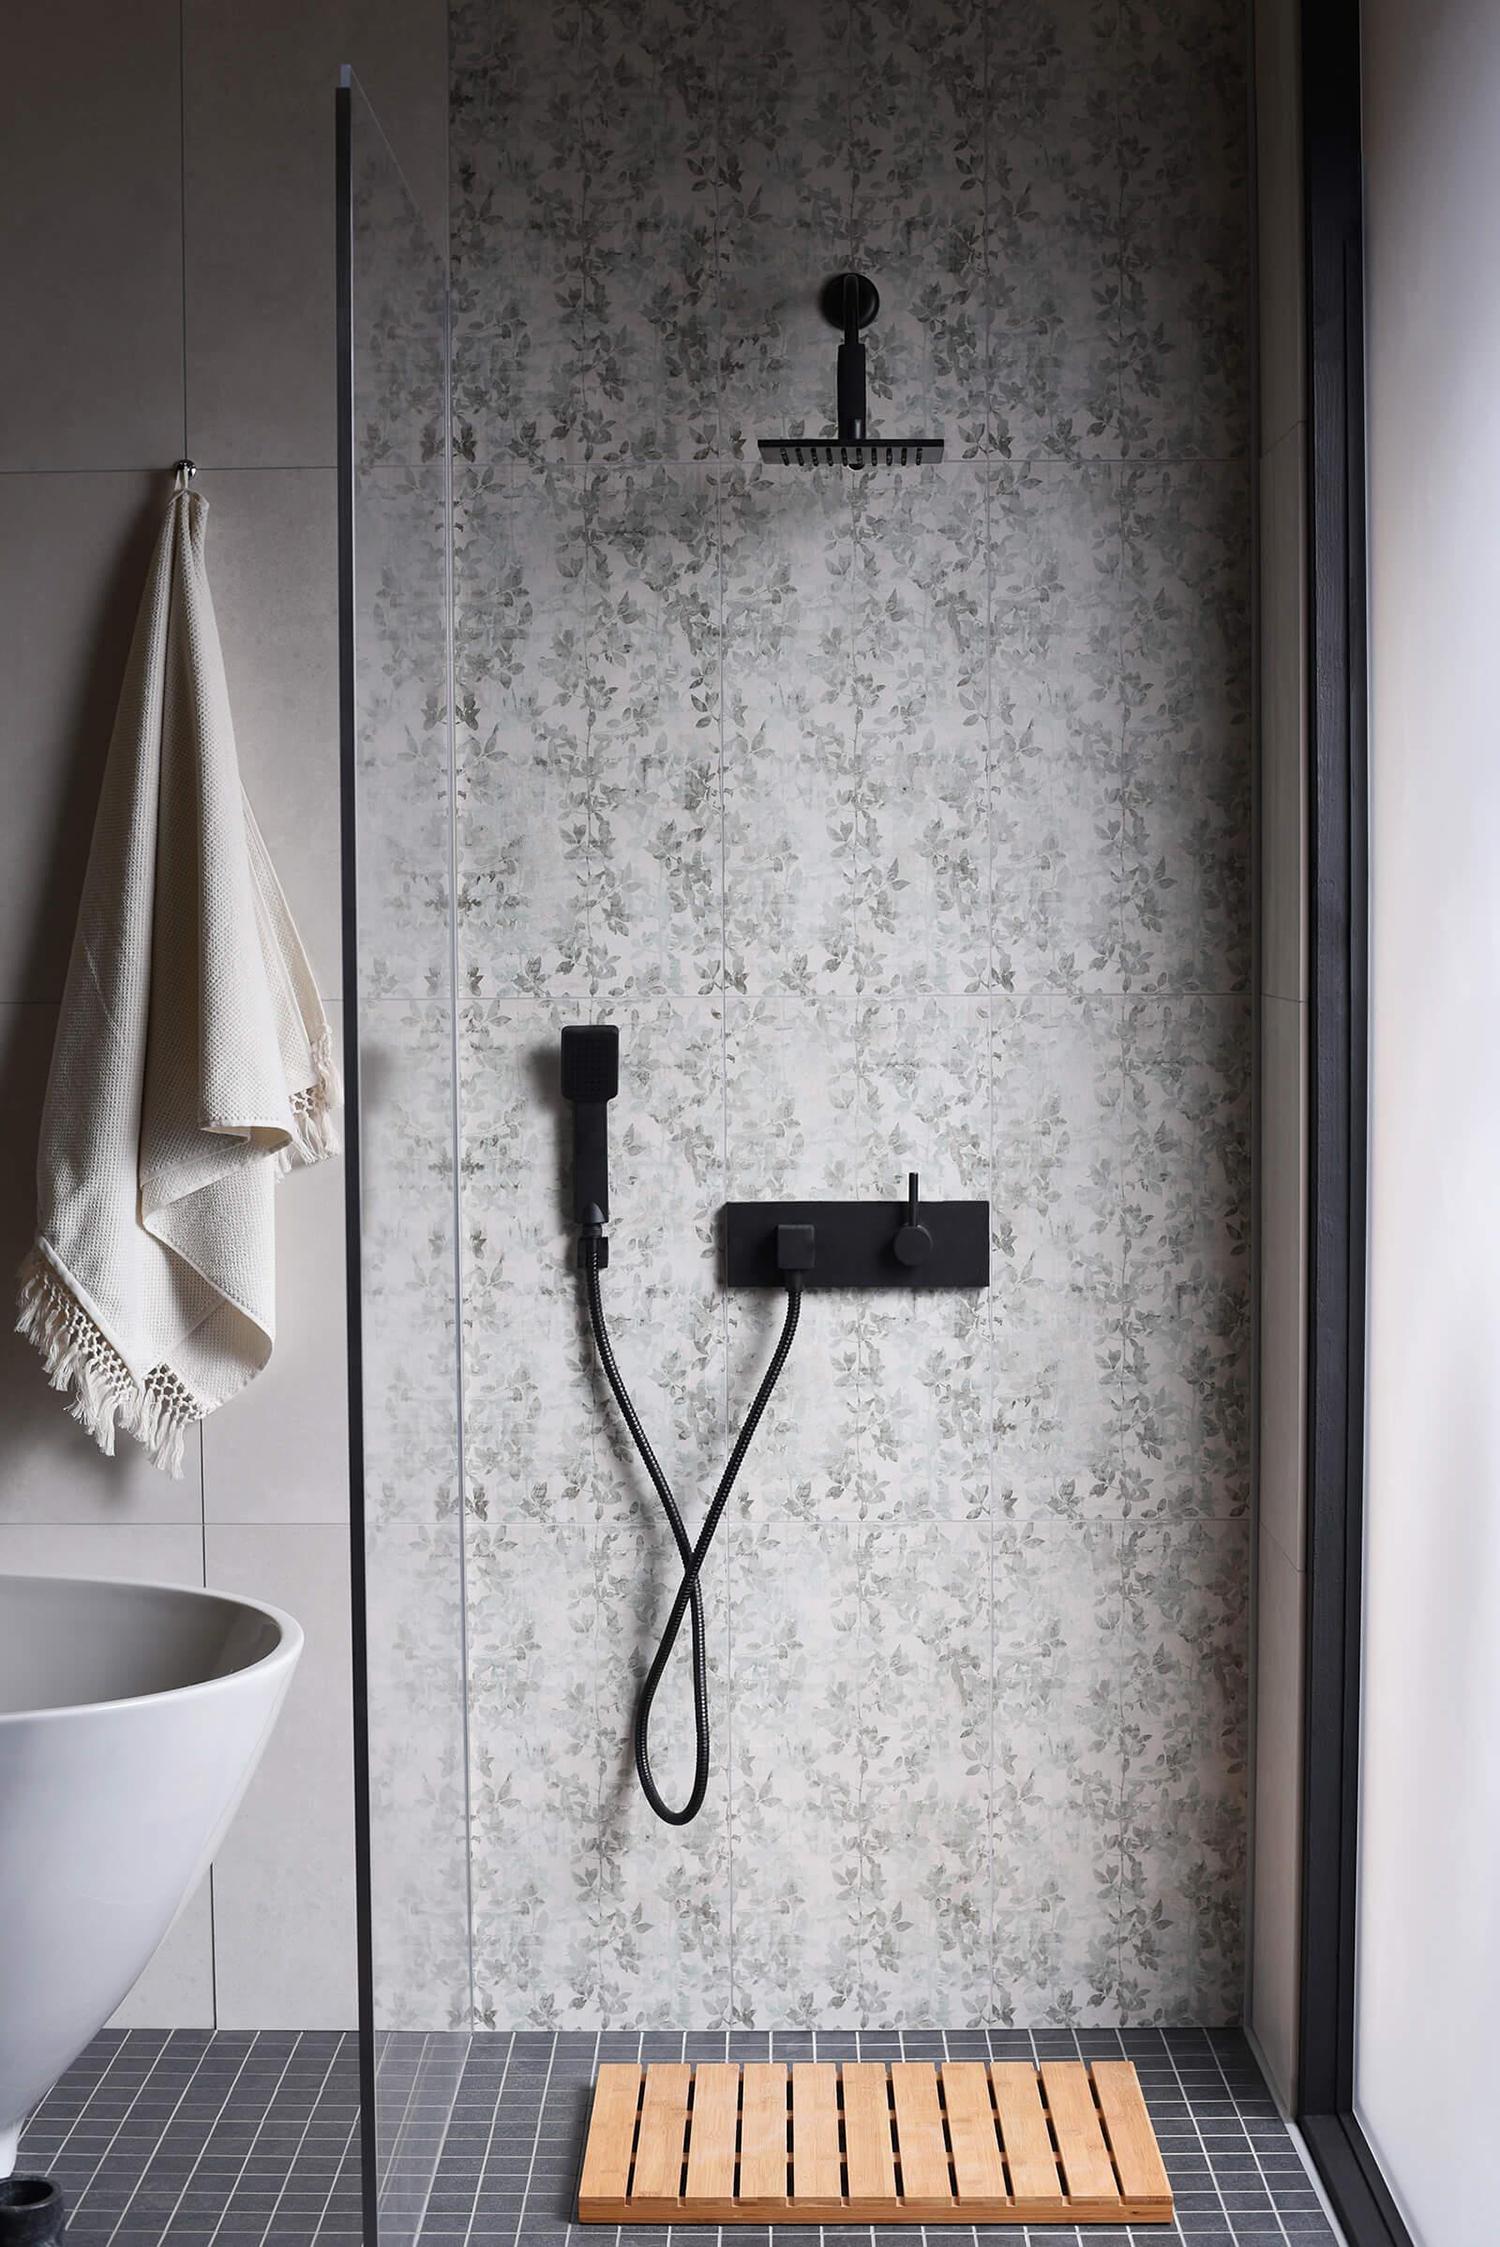 Patterned Ceramic Tiles